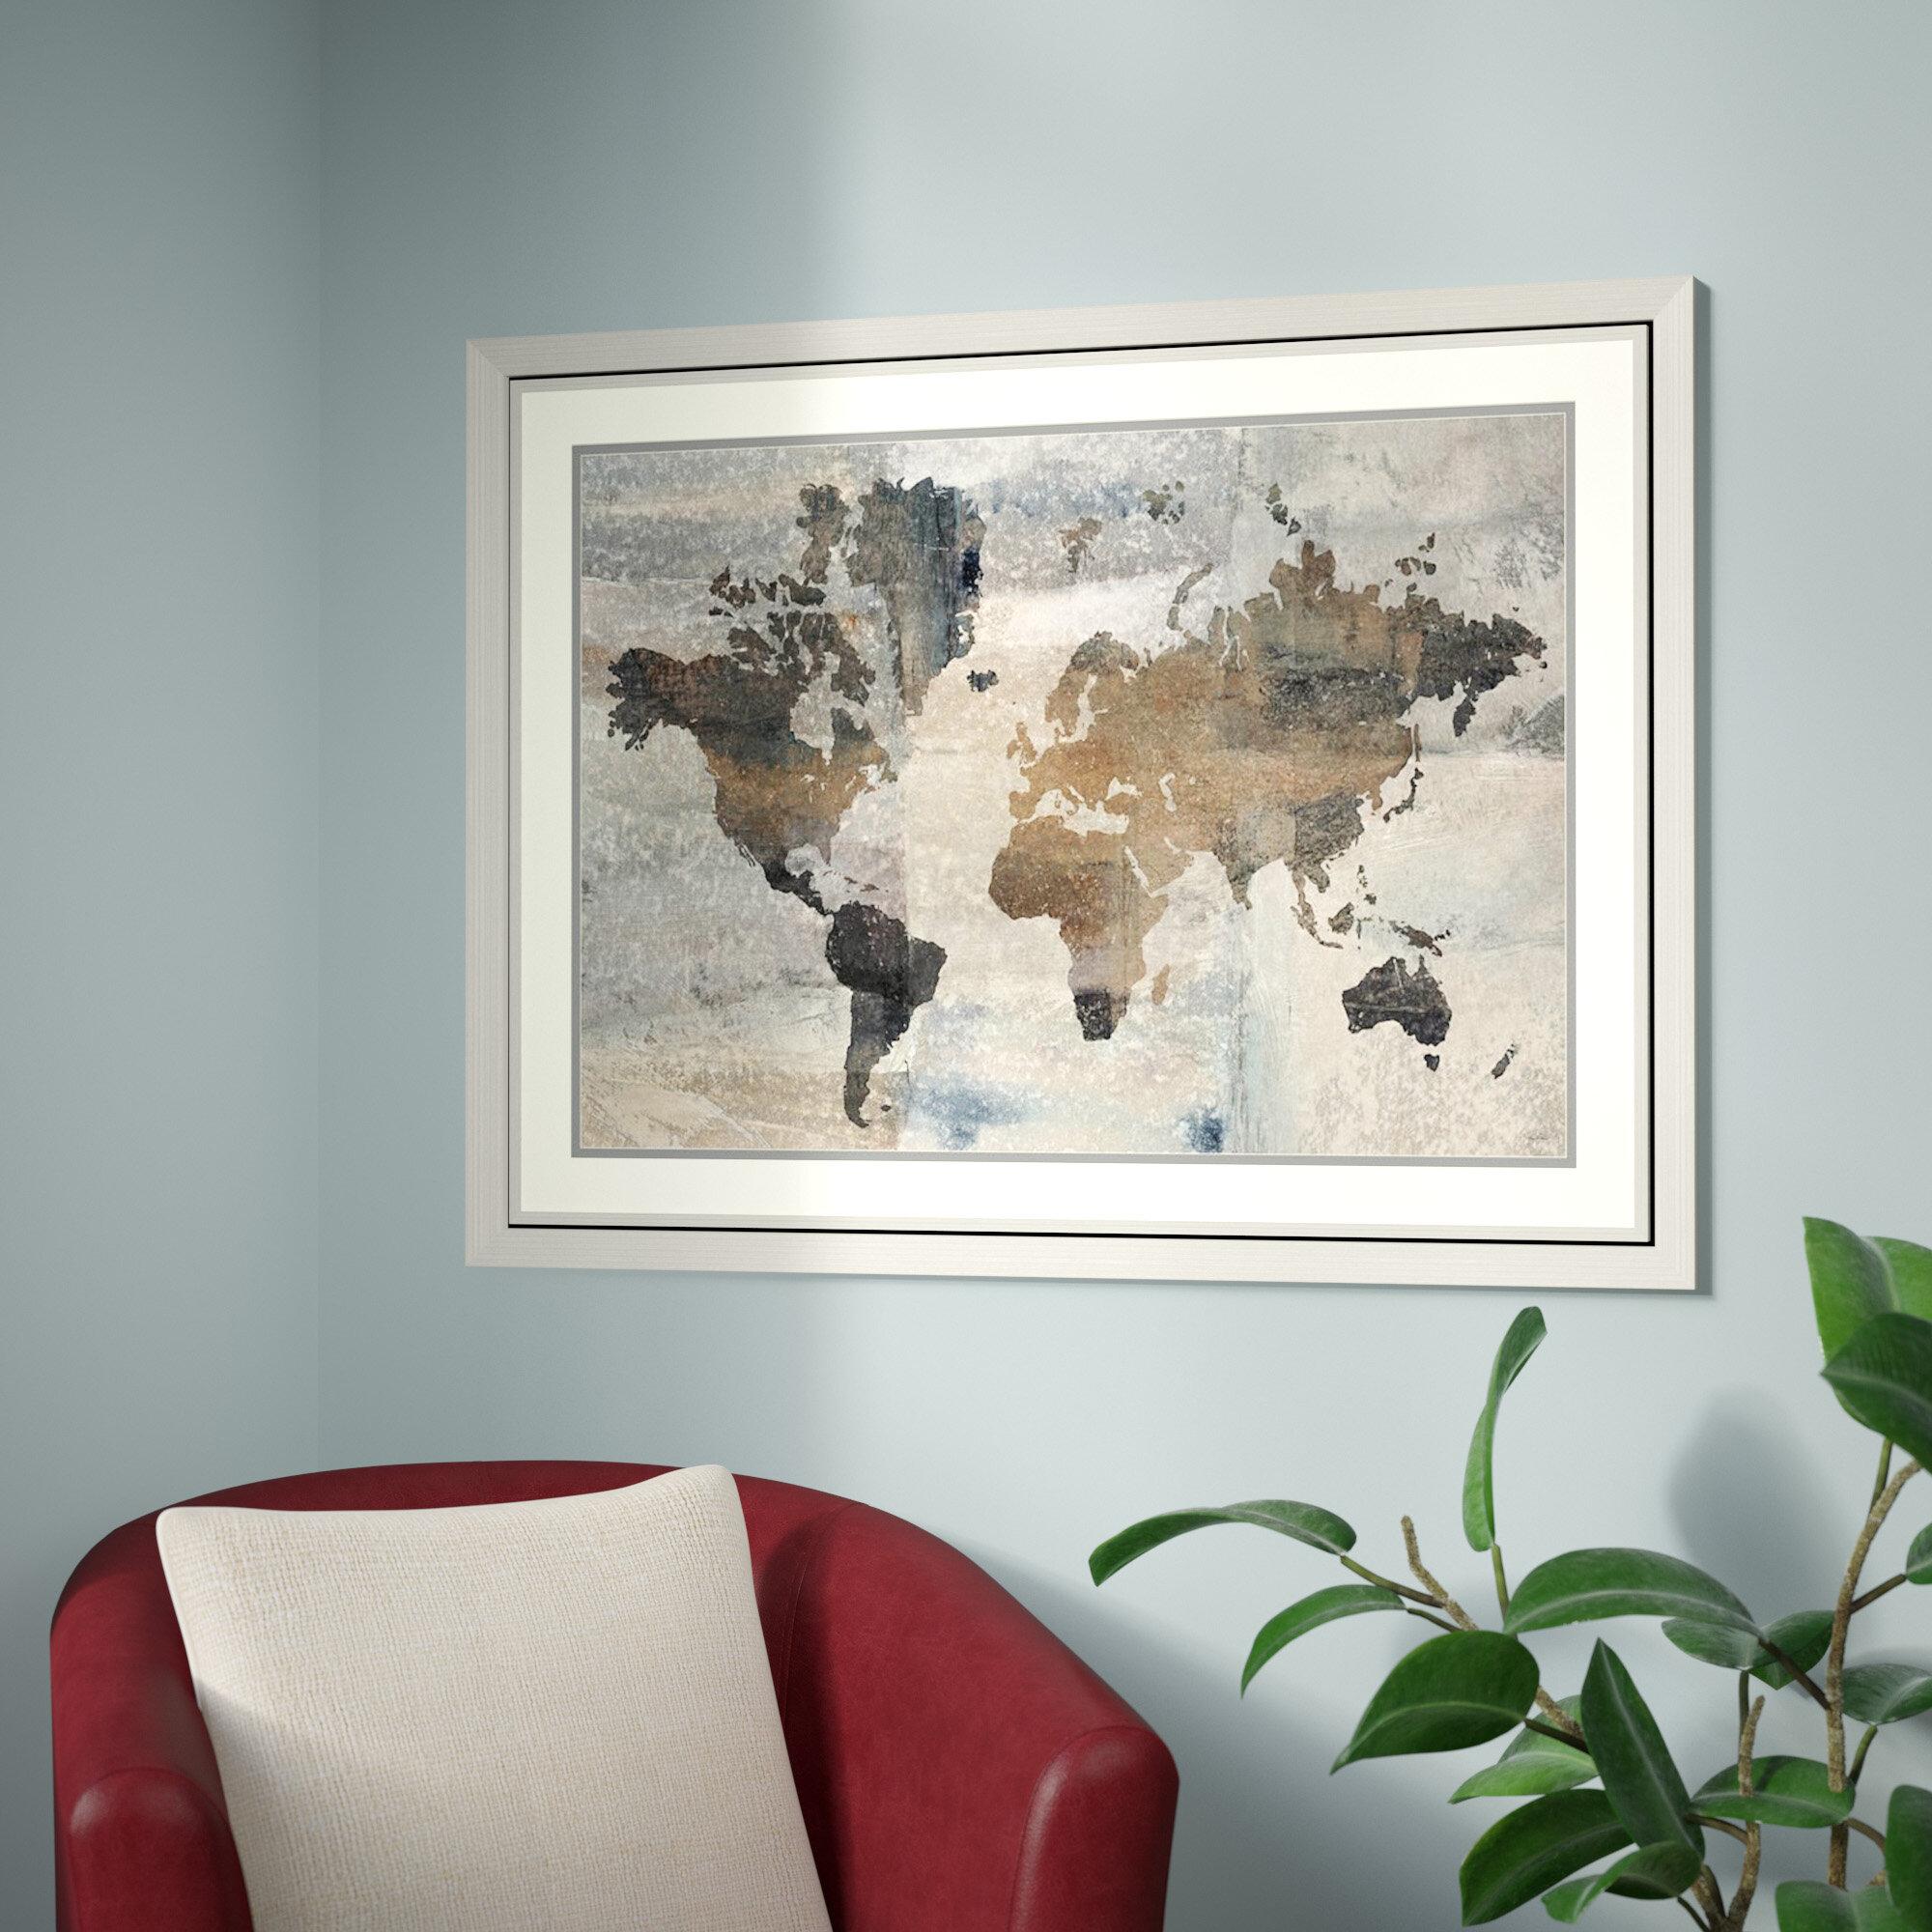 Trent austin design stone world map framed graphic art print trent austin design stone world map framed graphic art print wayfair gumiabroncs Gallery